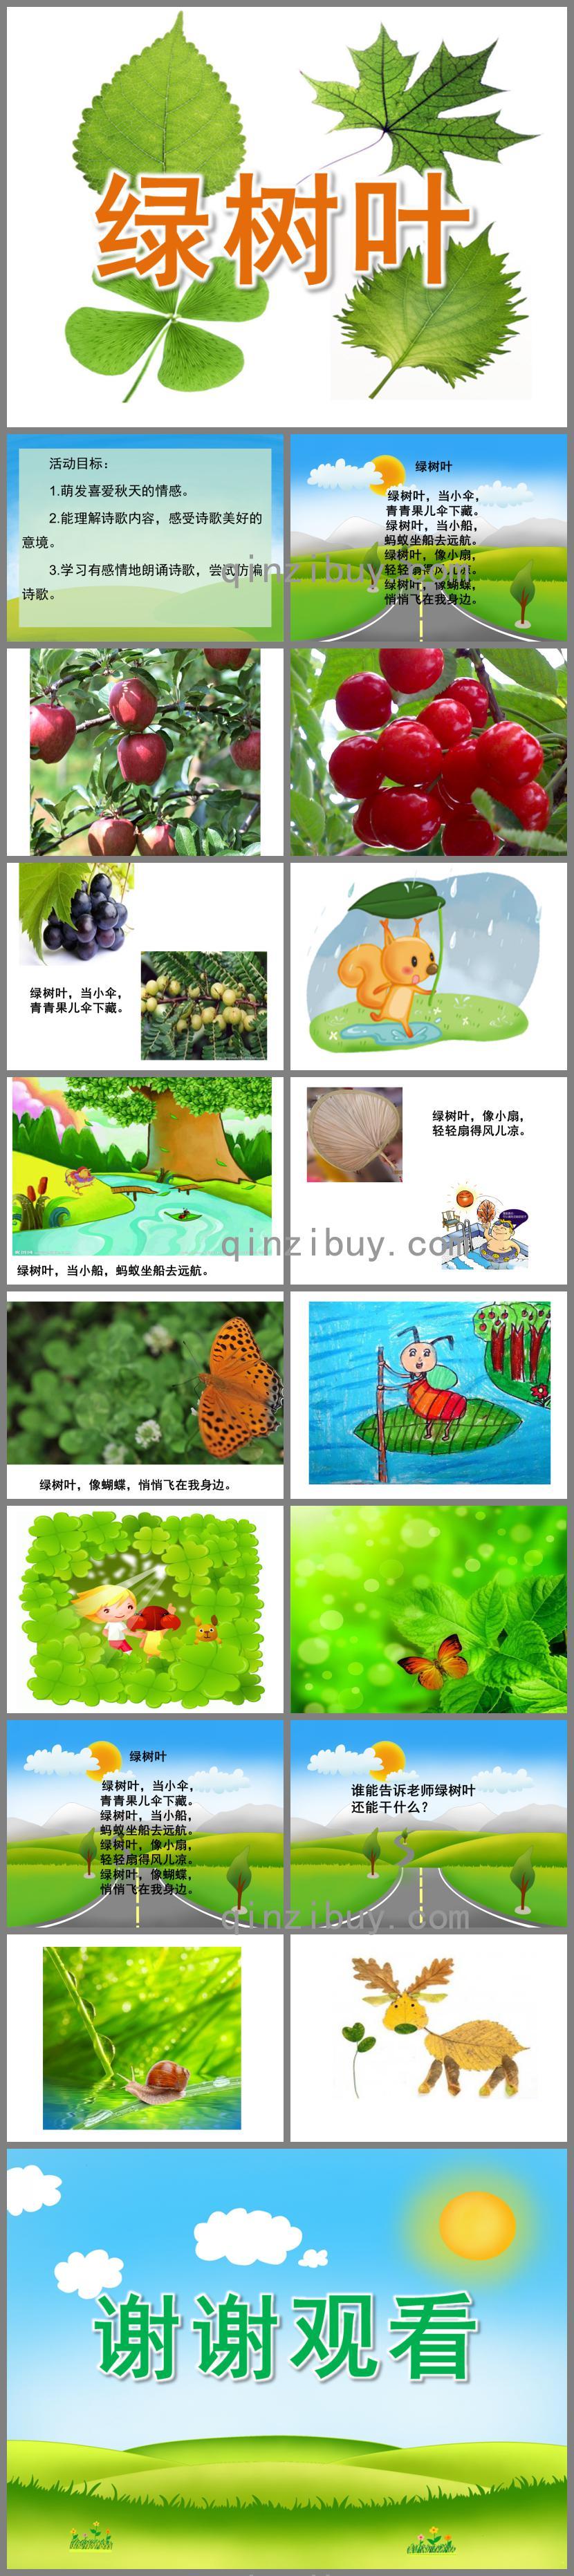 中班语言活动绿树叶PPT课件